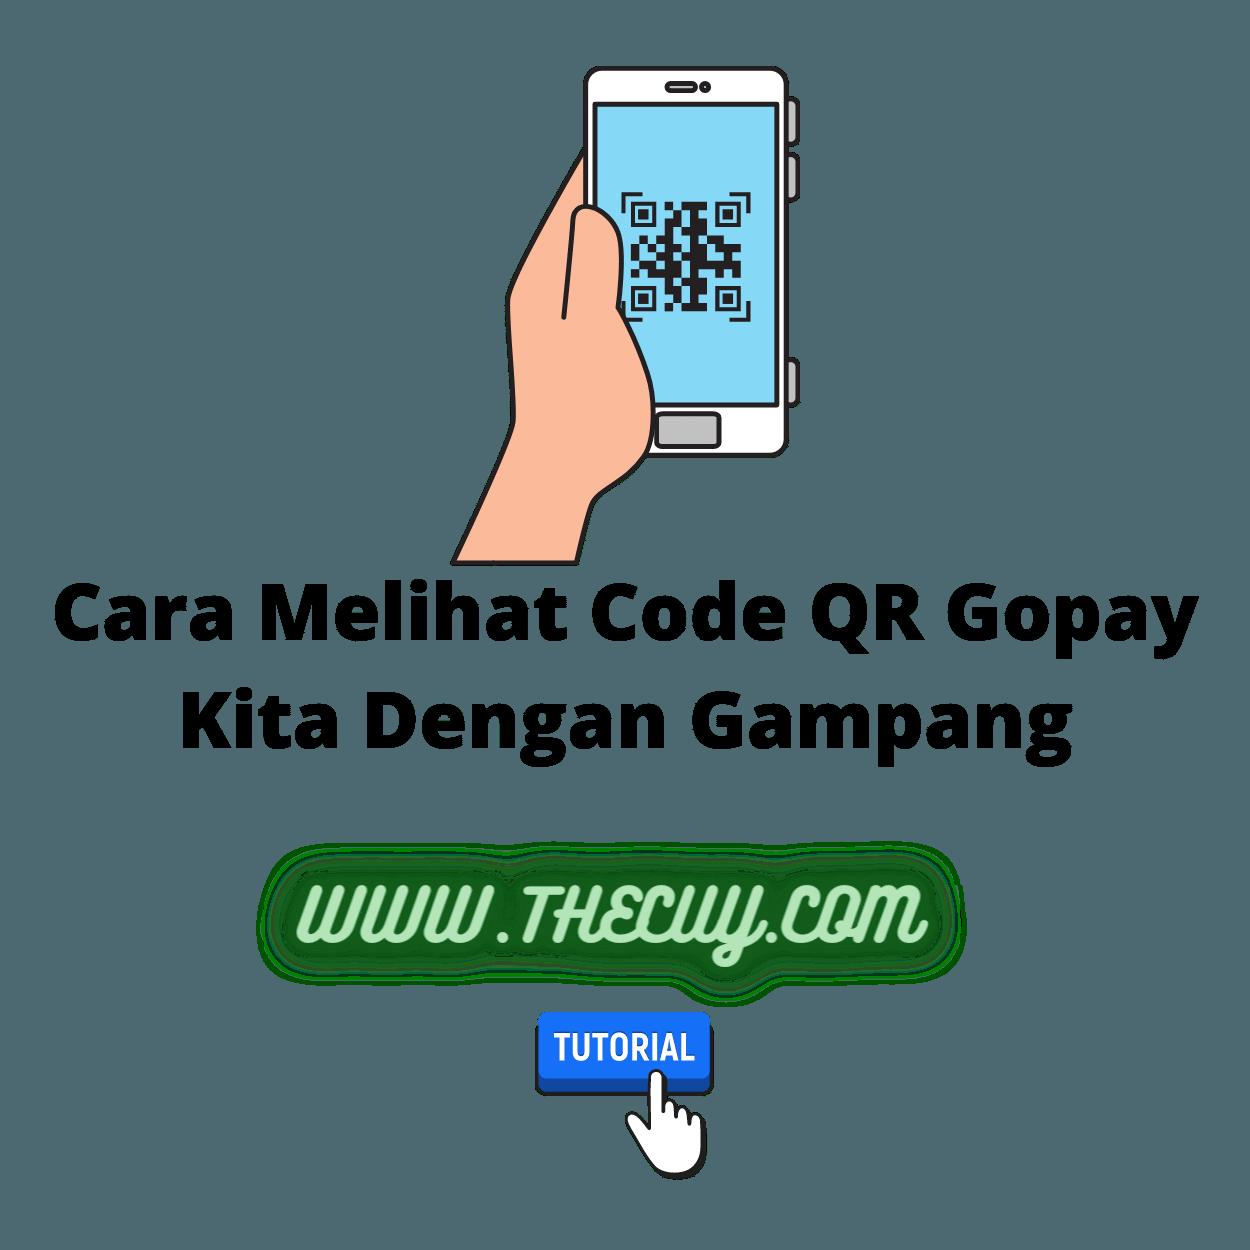 Cara Melihat Code QR Gopay Kita Dengan Gampang